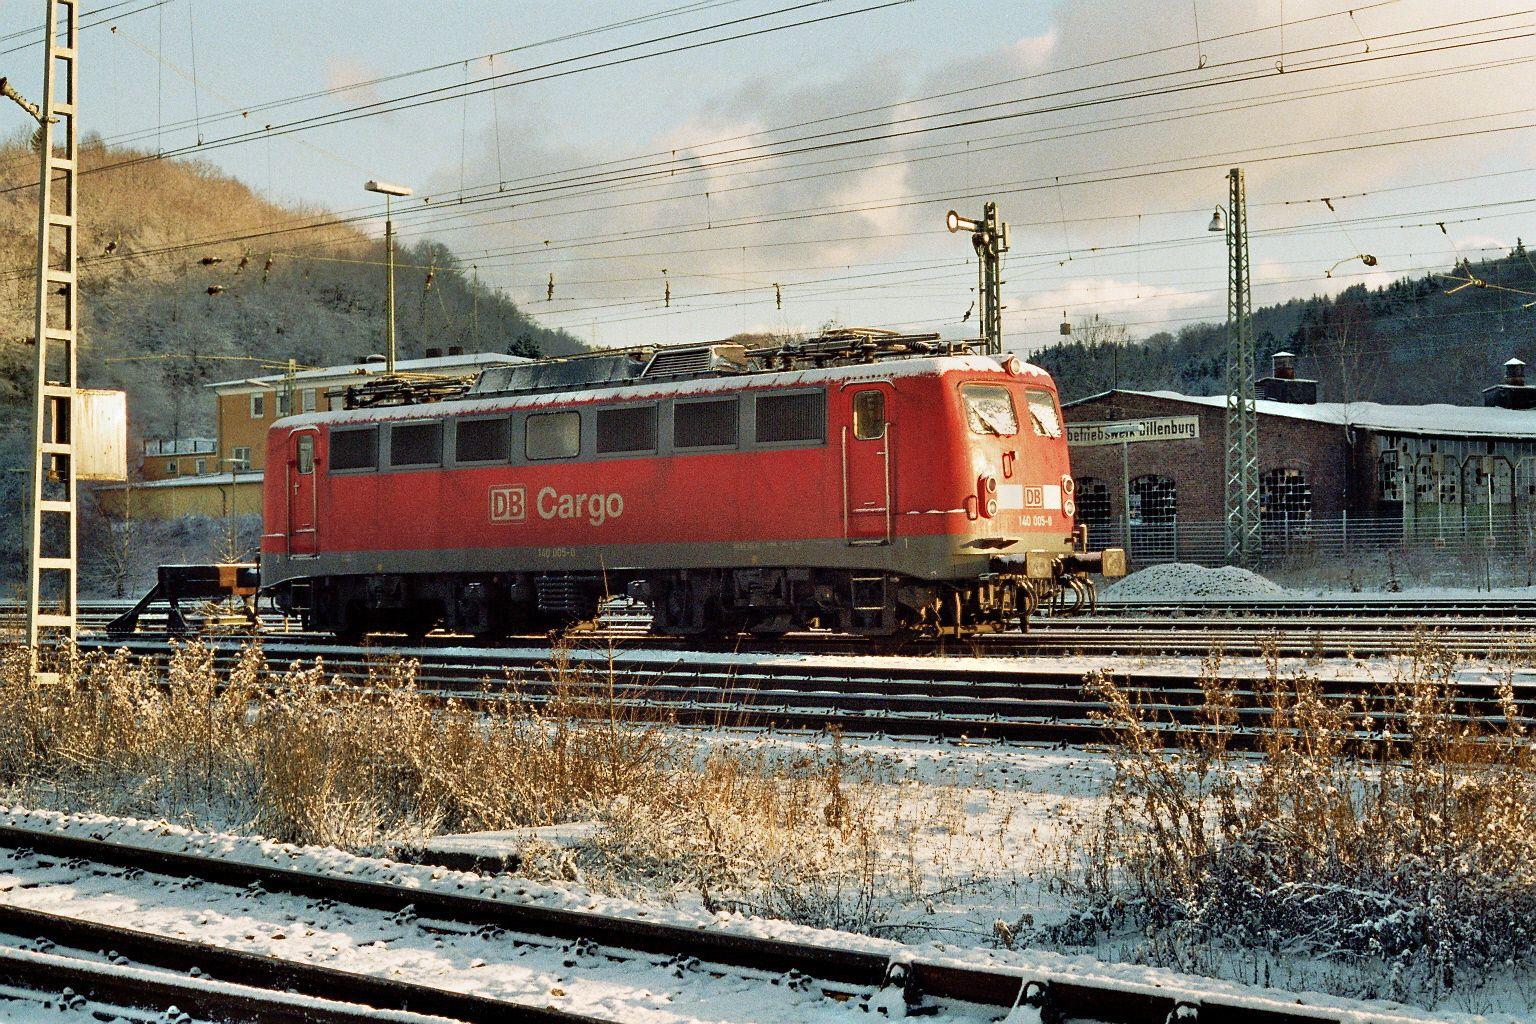 2001.12.20. 140-005 vor dem ehemaligen BW Dillenburg